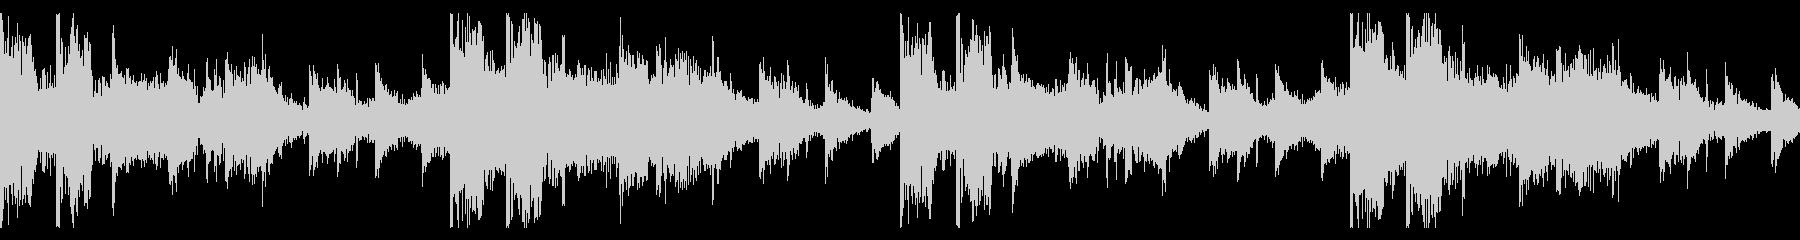 リズムメインのシネマティックエレクトロCの未再生の波形